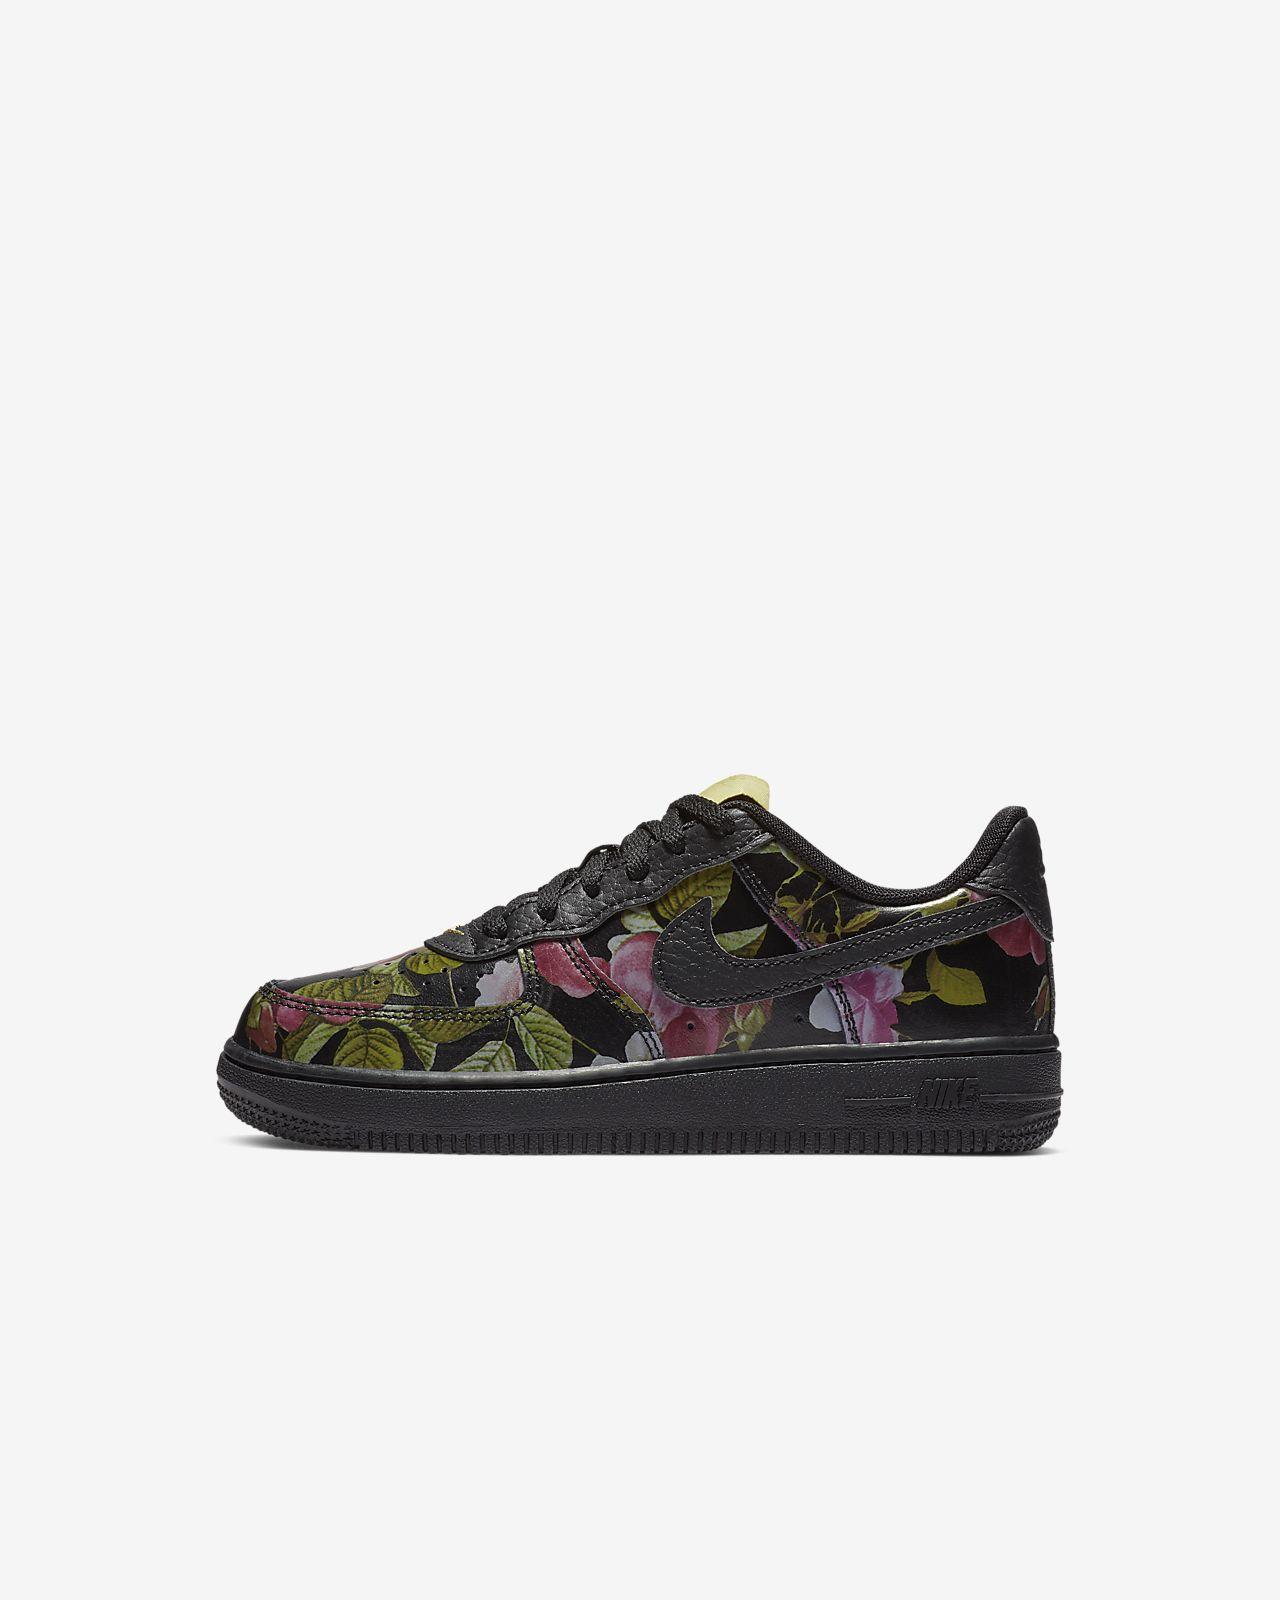 Nike Force 1 LXX Schuh mit Blumendesign für jüngere Kinder